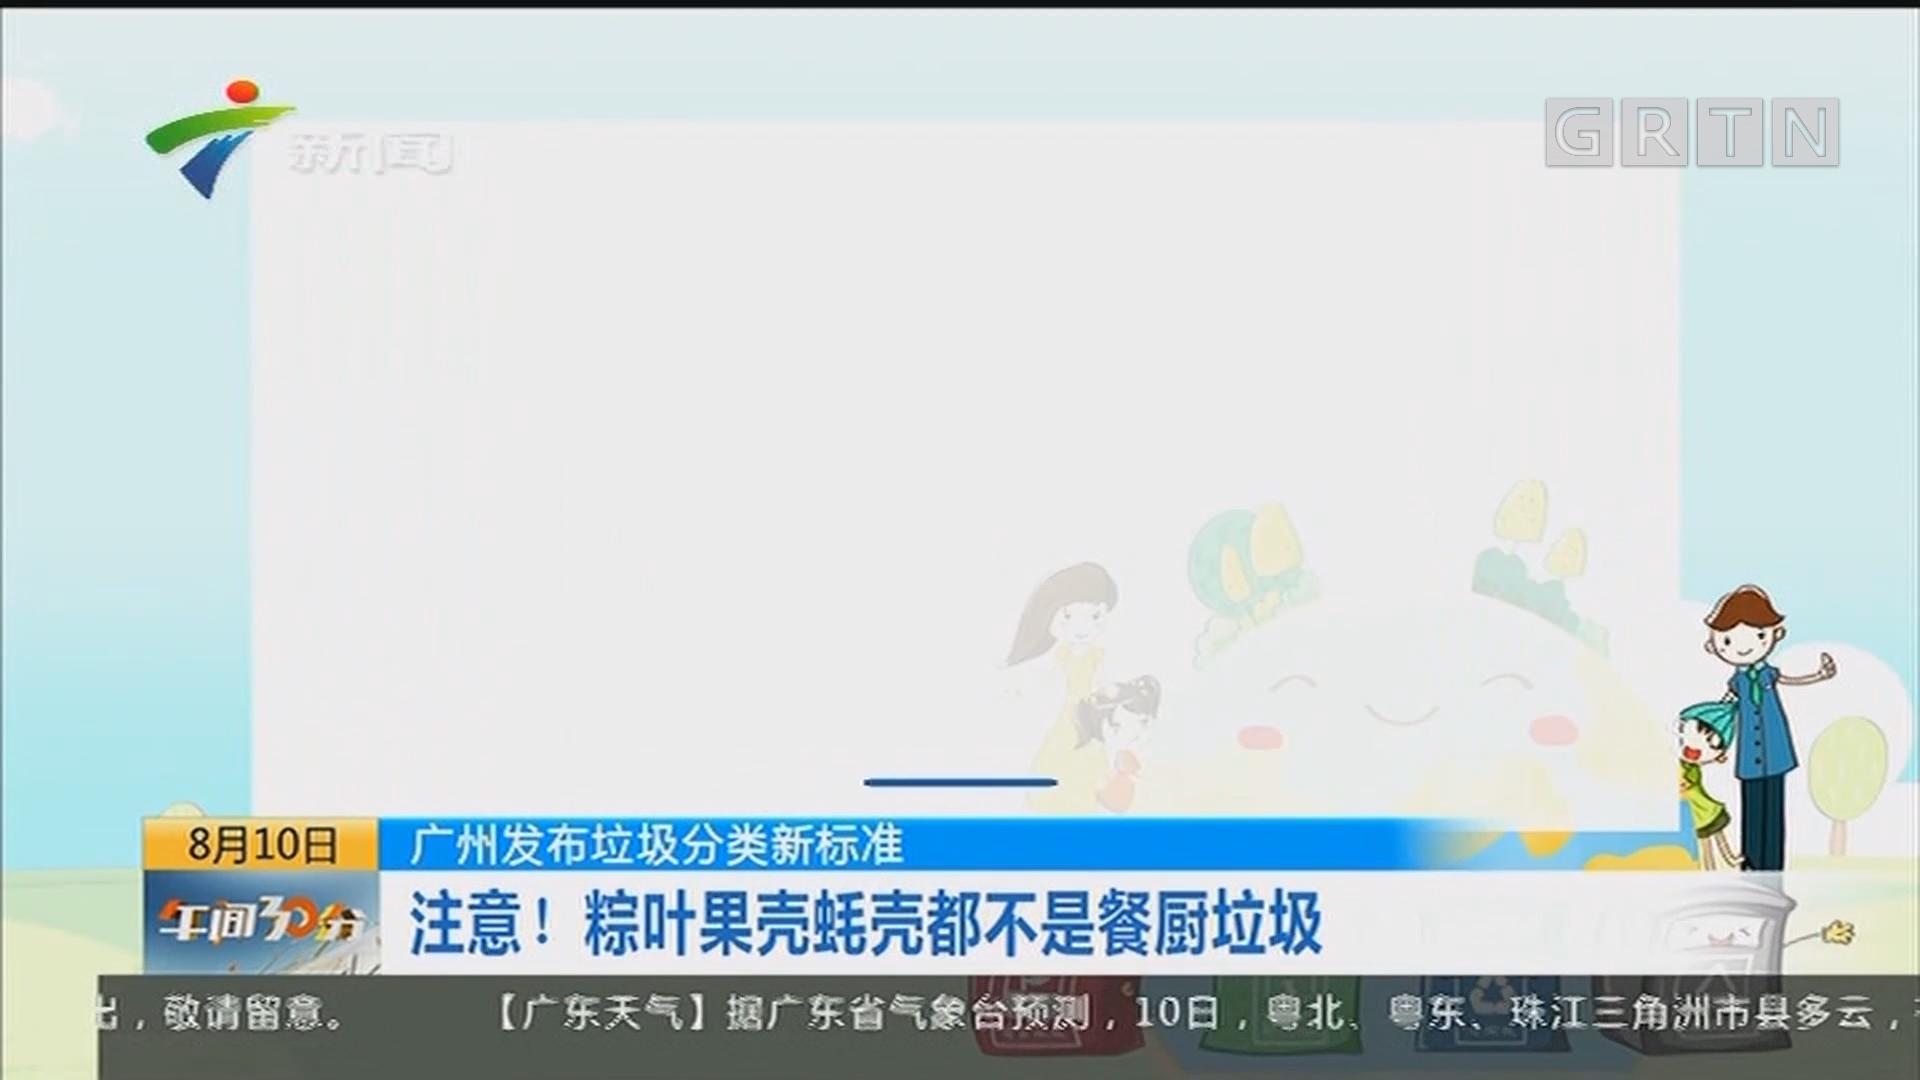 广州发布垃圾分类新标准 注意!粽叶果壳蚝壳都不是餐厨垃圾